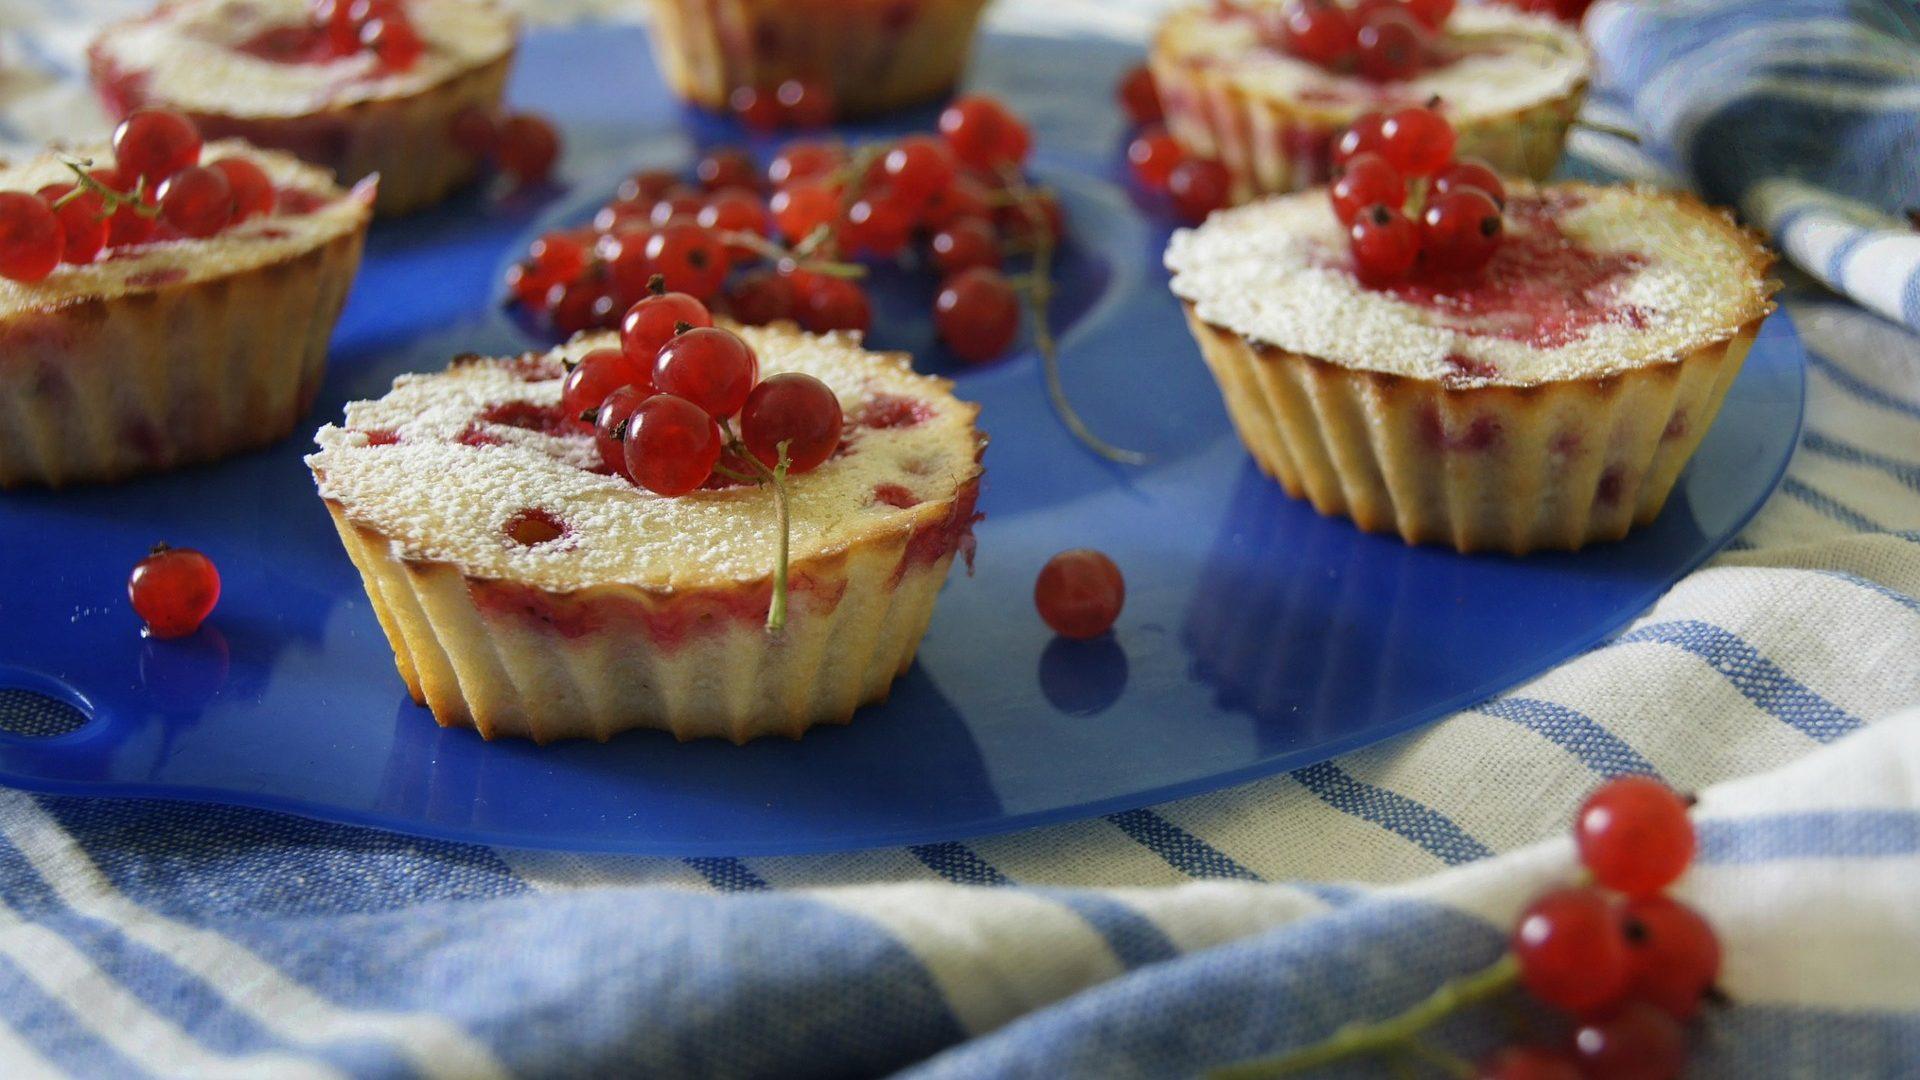 redcurrant-cakes-886772_1920